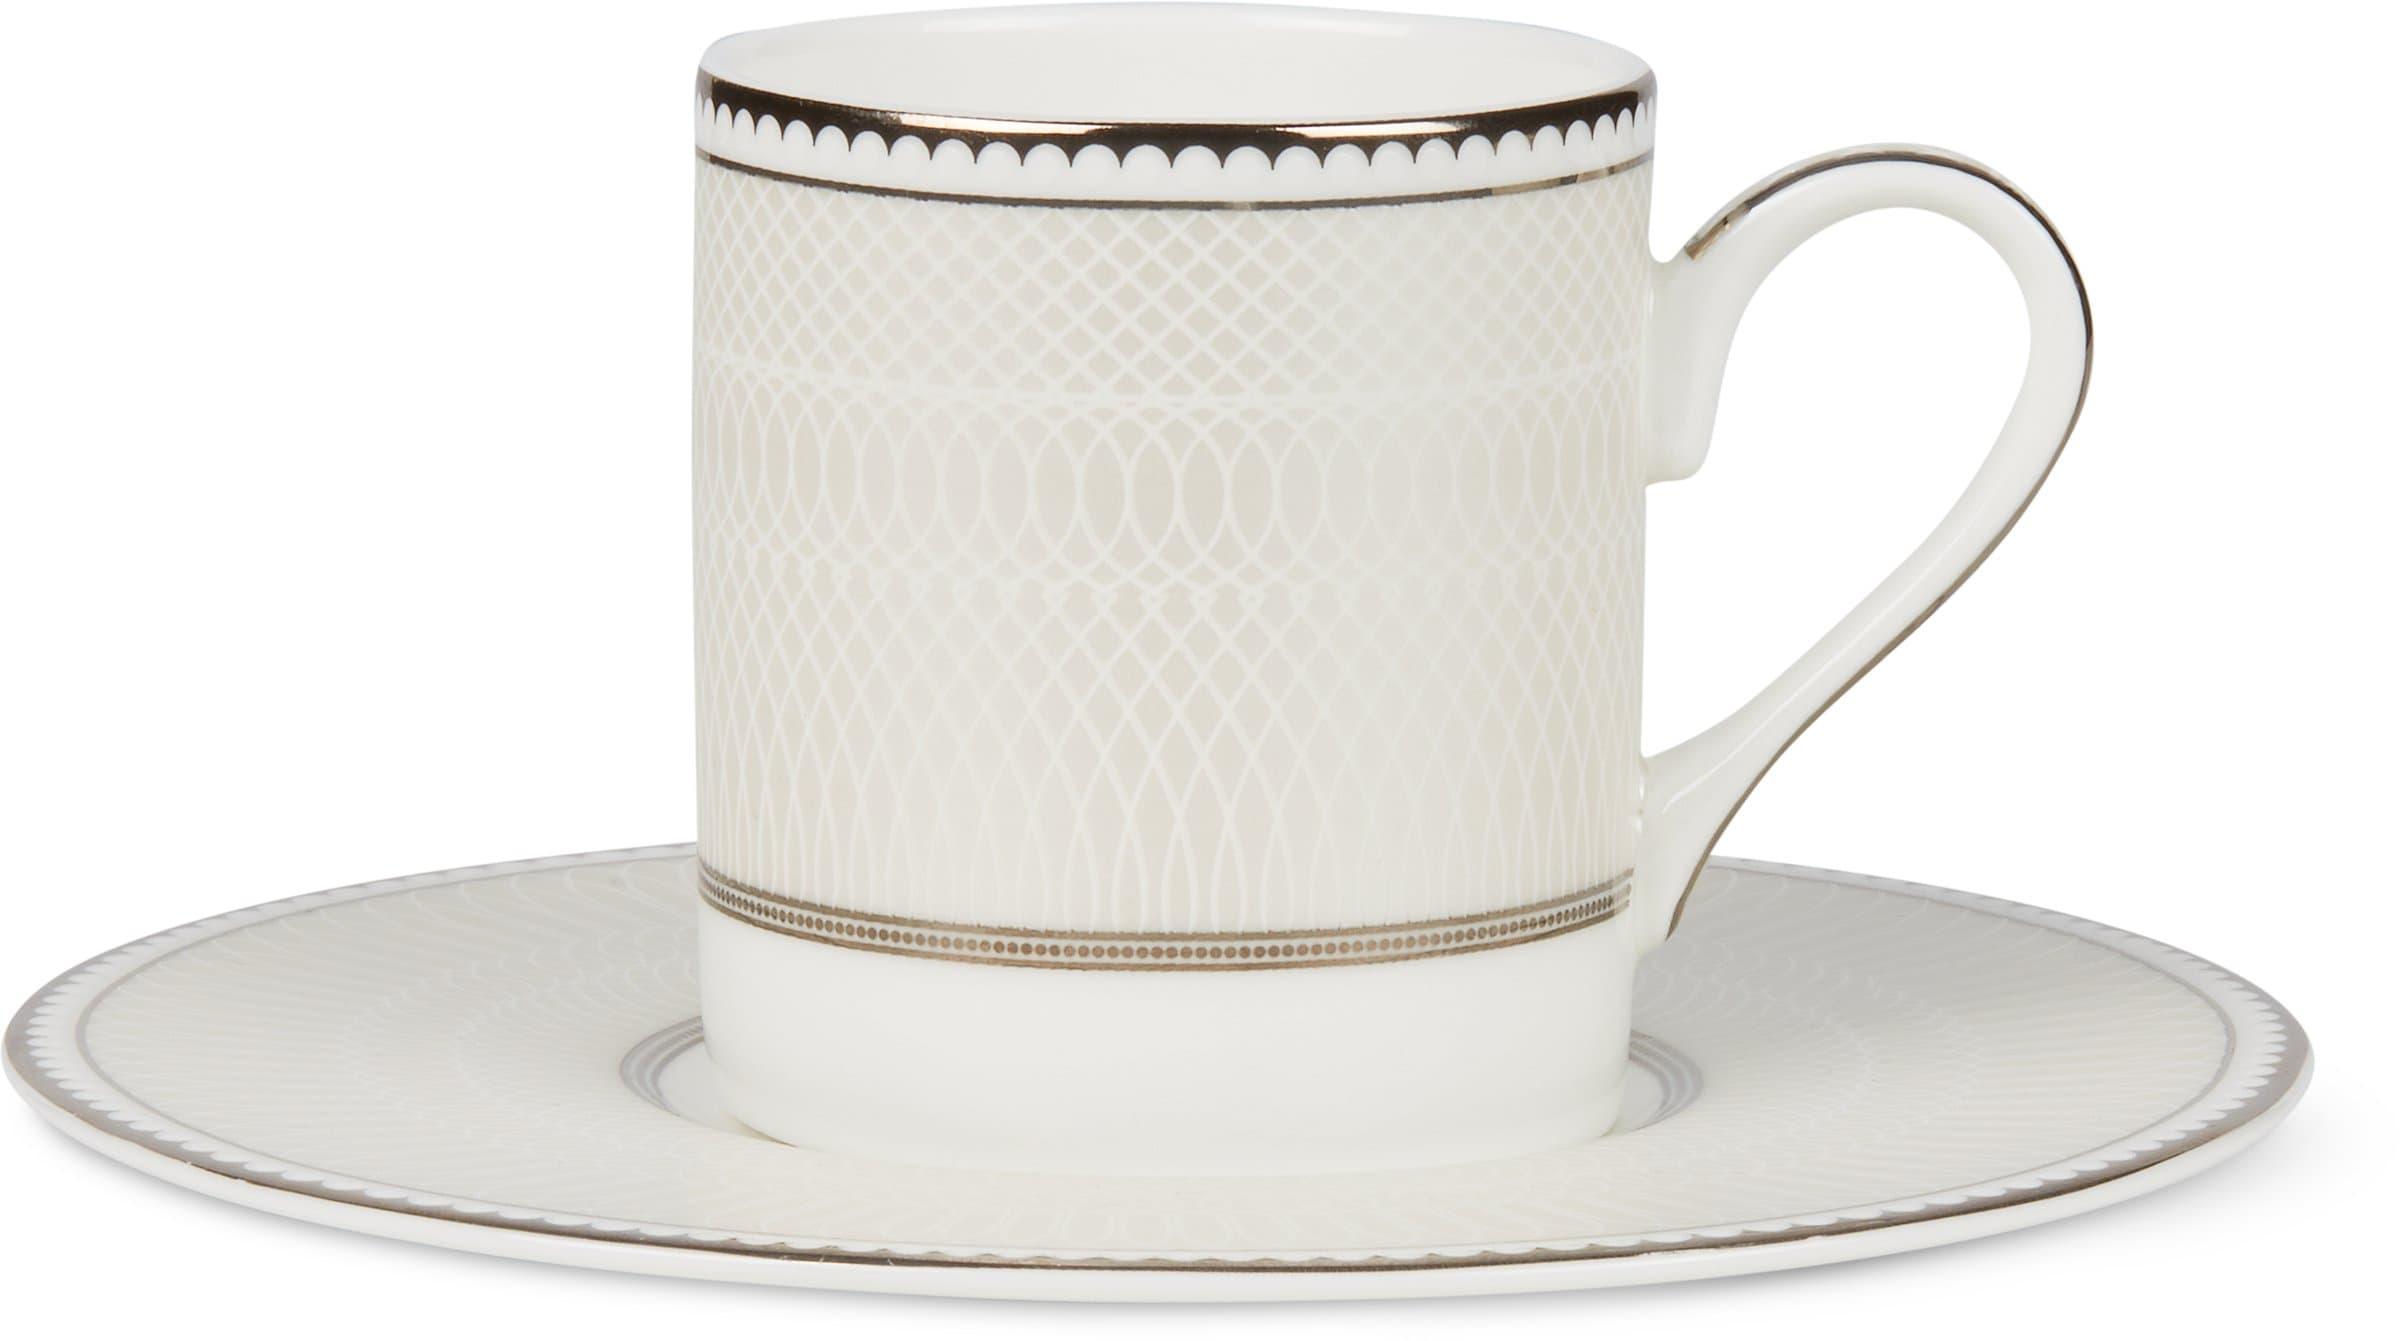 Cucina & Tavola NOBLESSE Espressotasse mit Unterteller Tasse